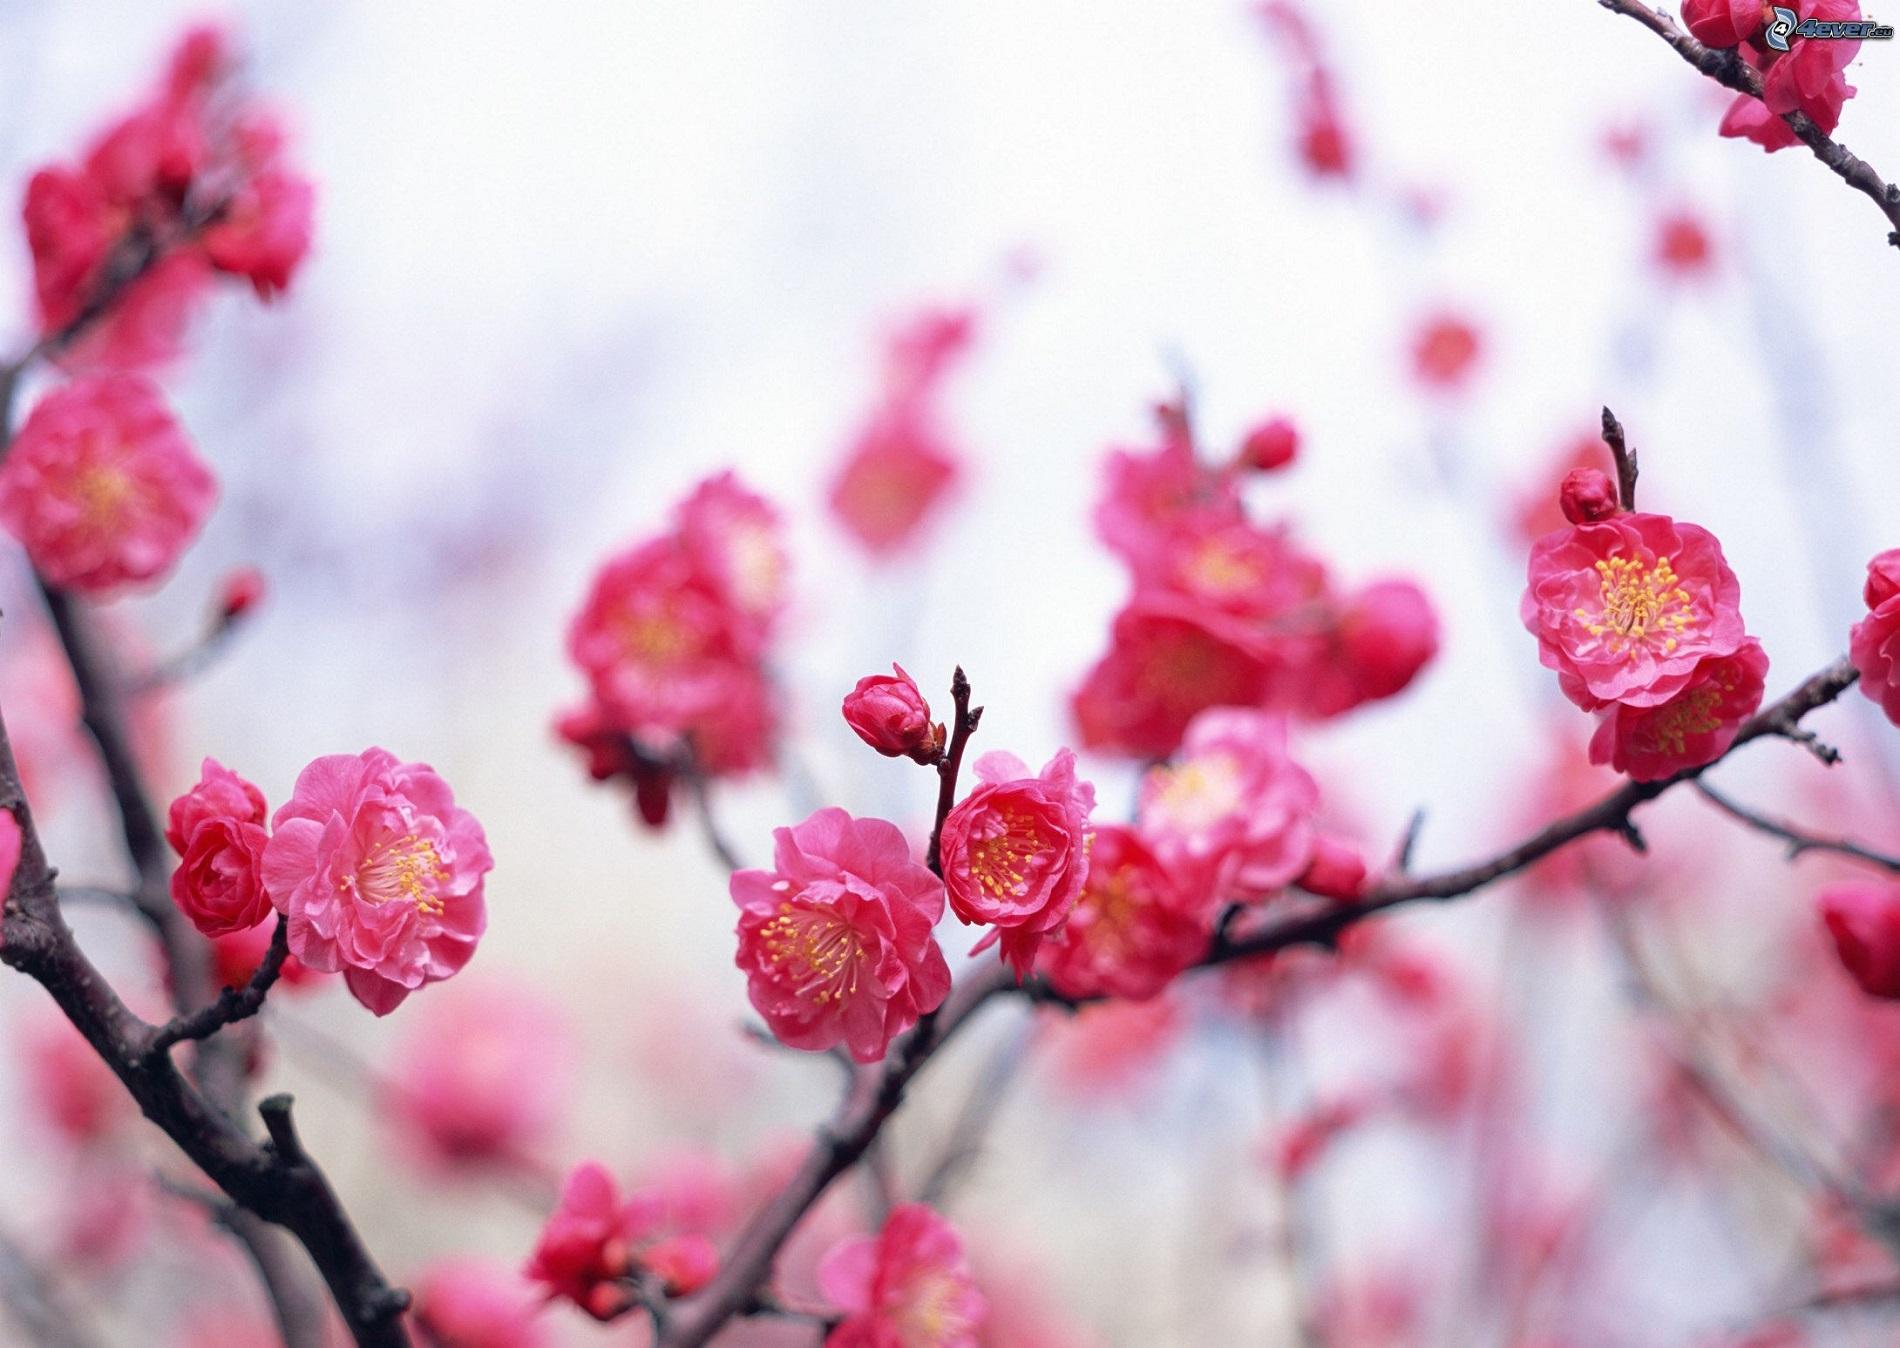 фото цветов в хорошем качестве-разрешение